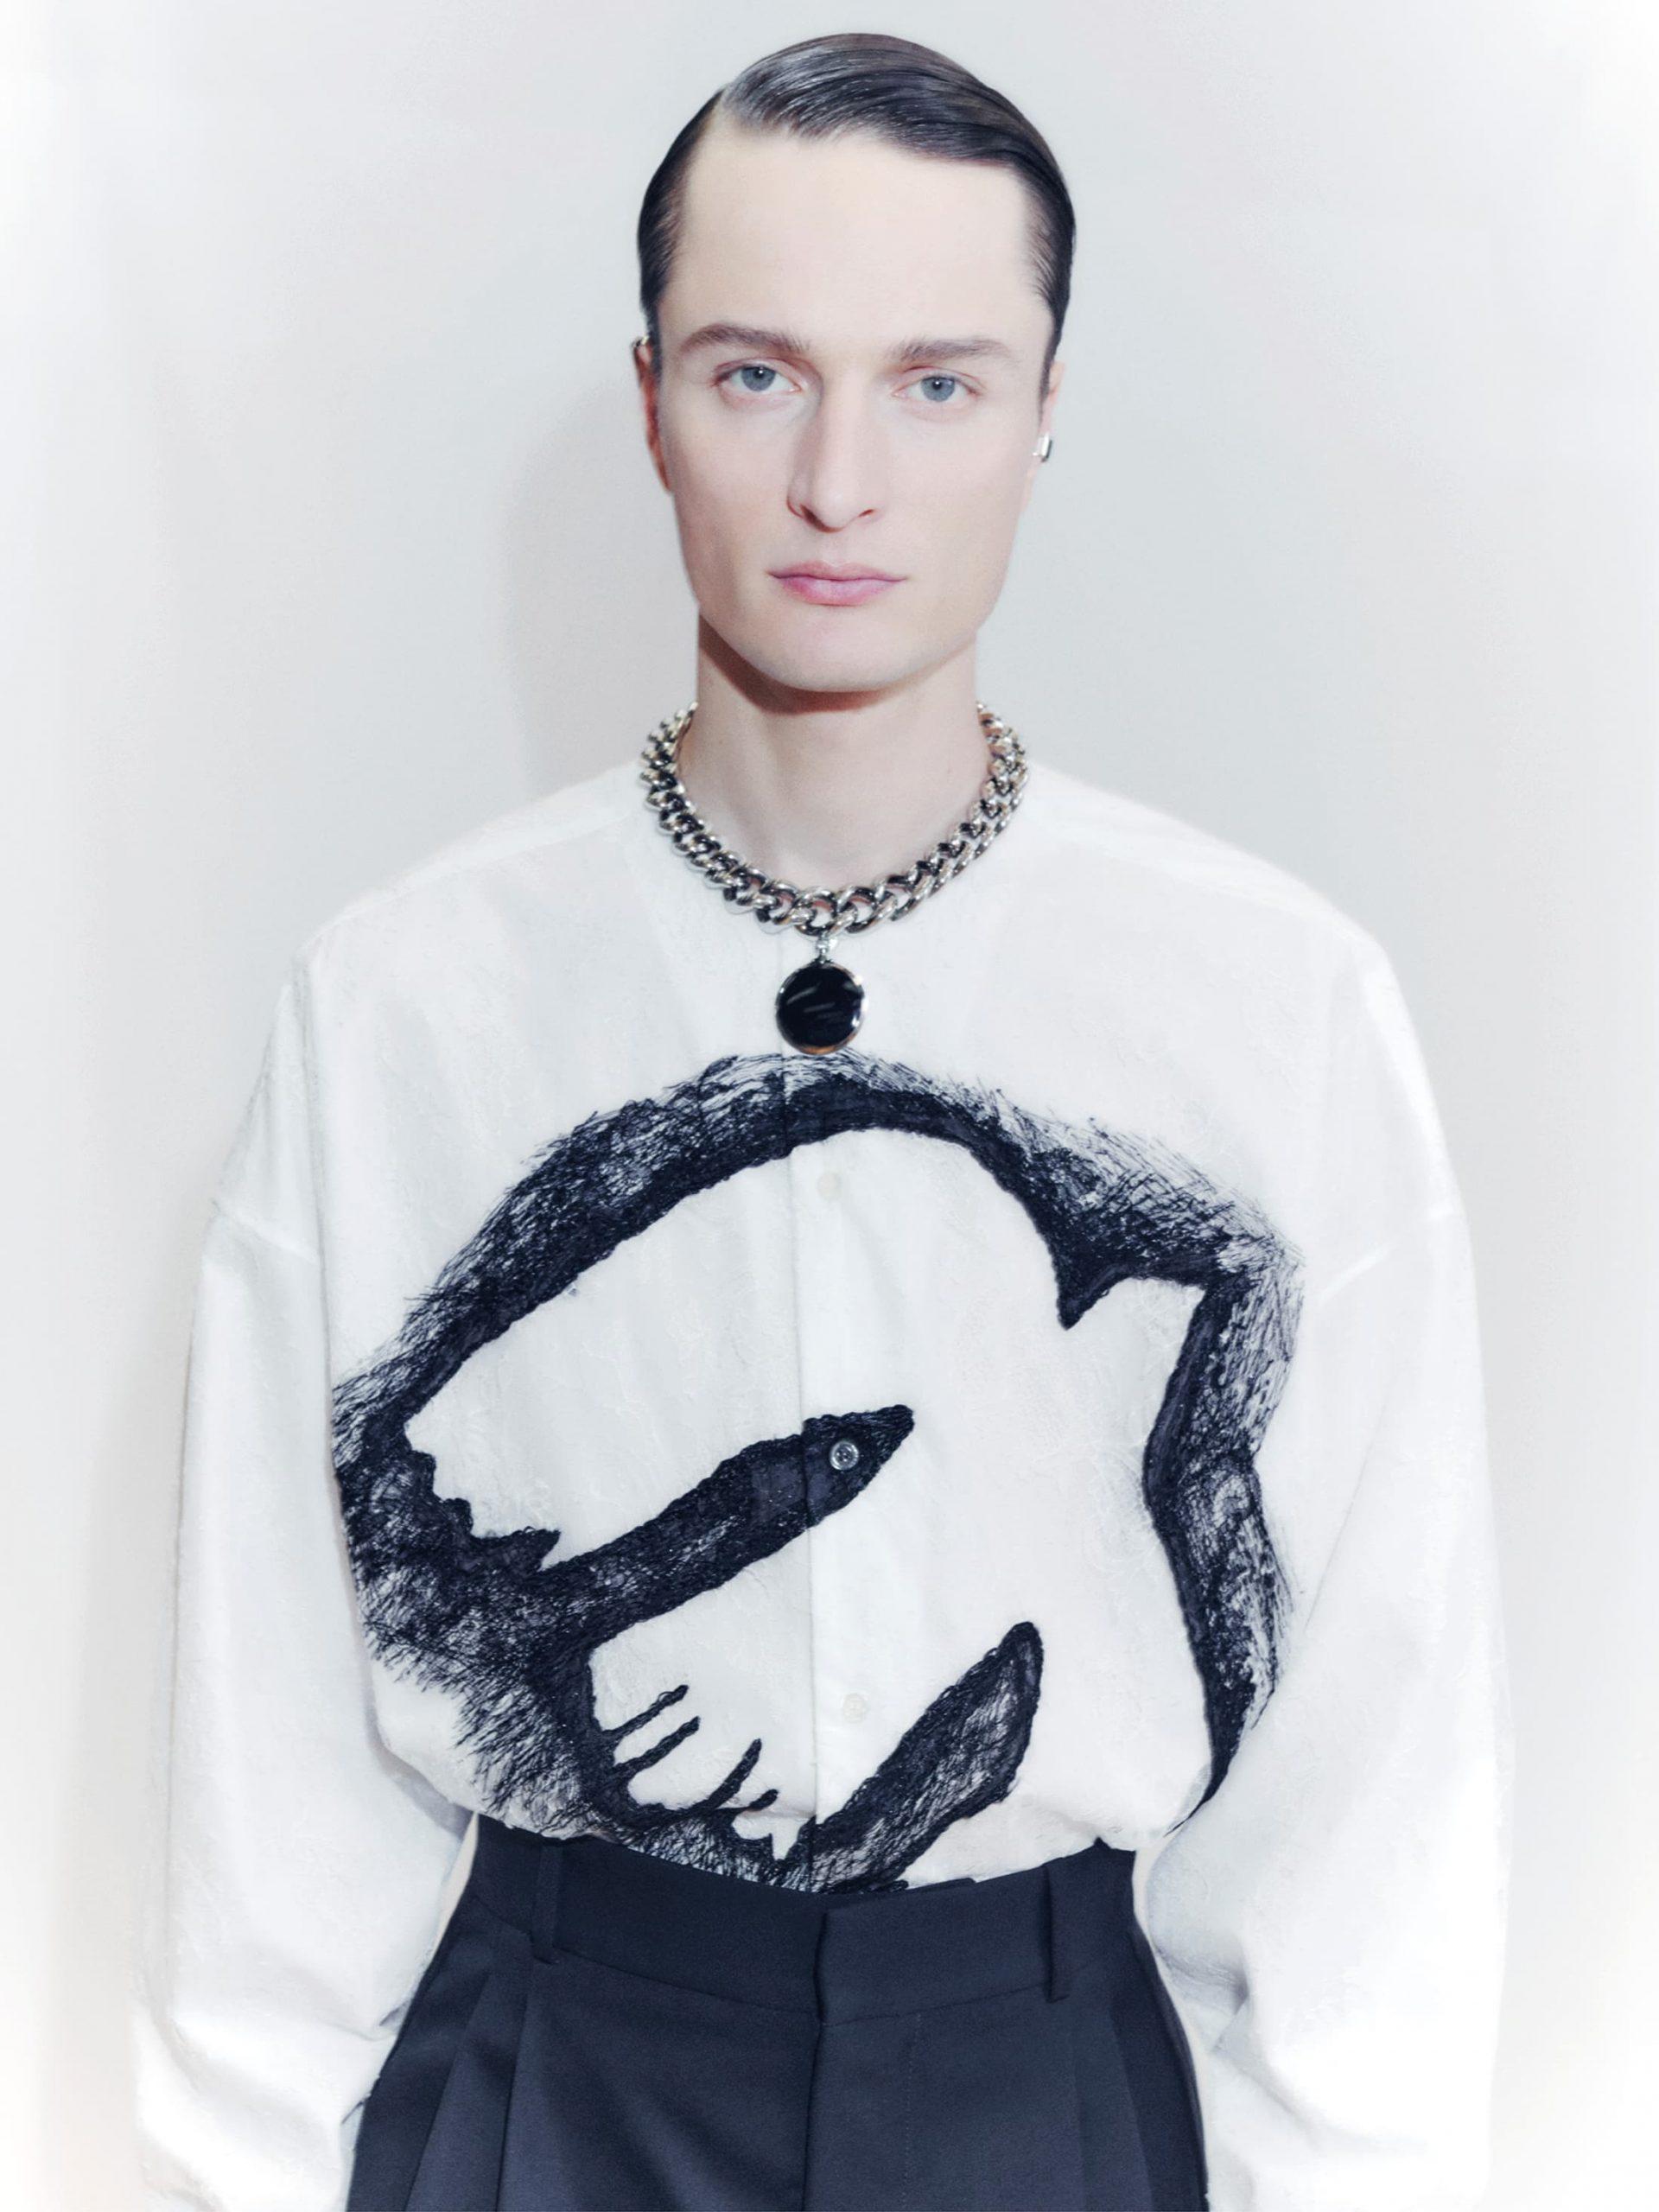 Alexander McQueen Fall 2021 Men's Fashion Show Photos